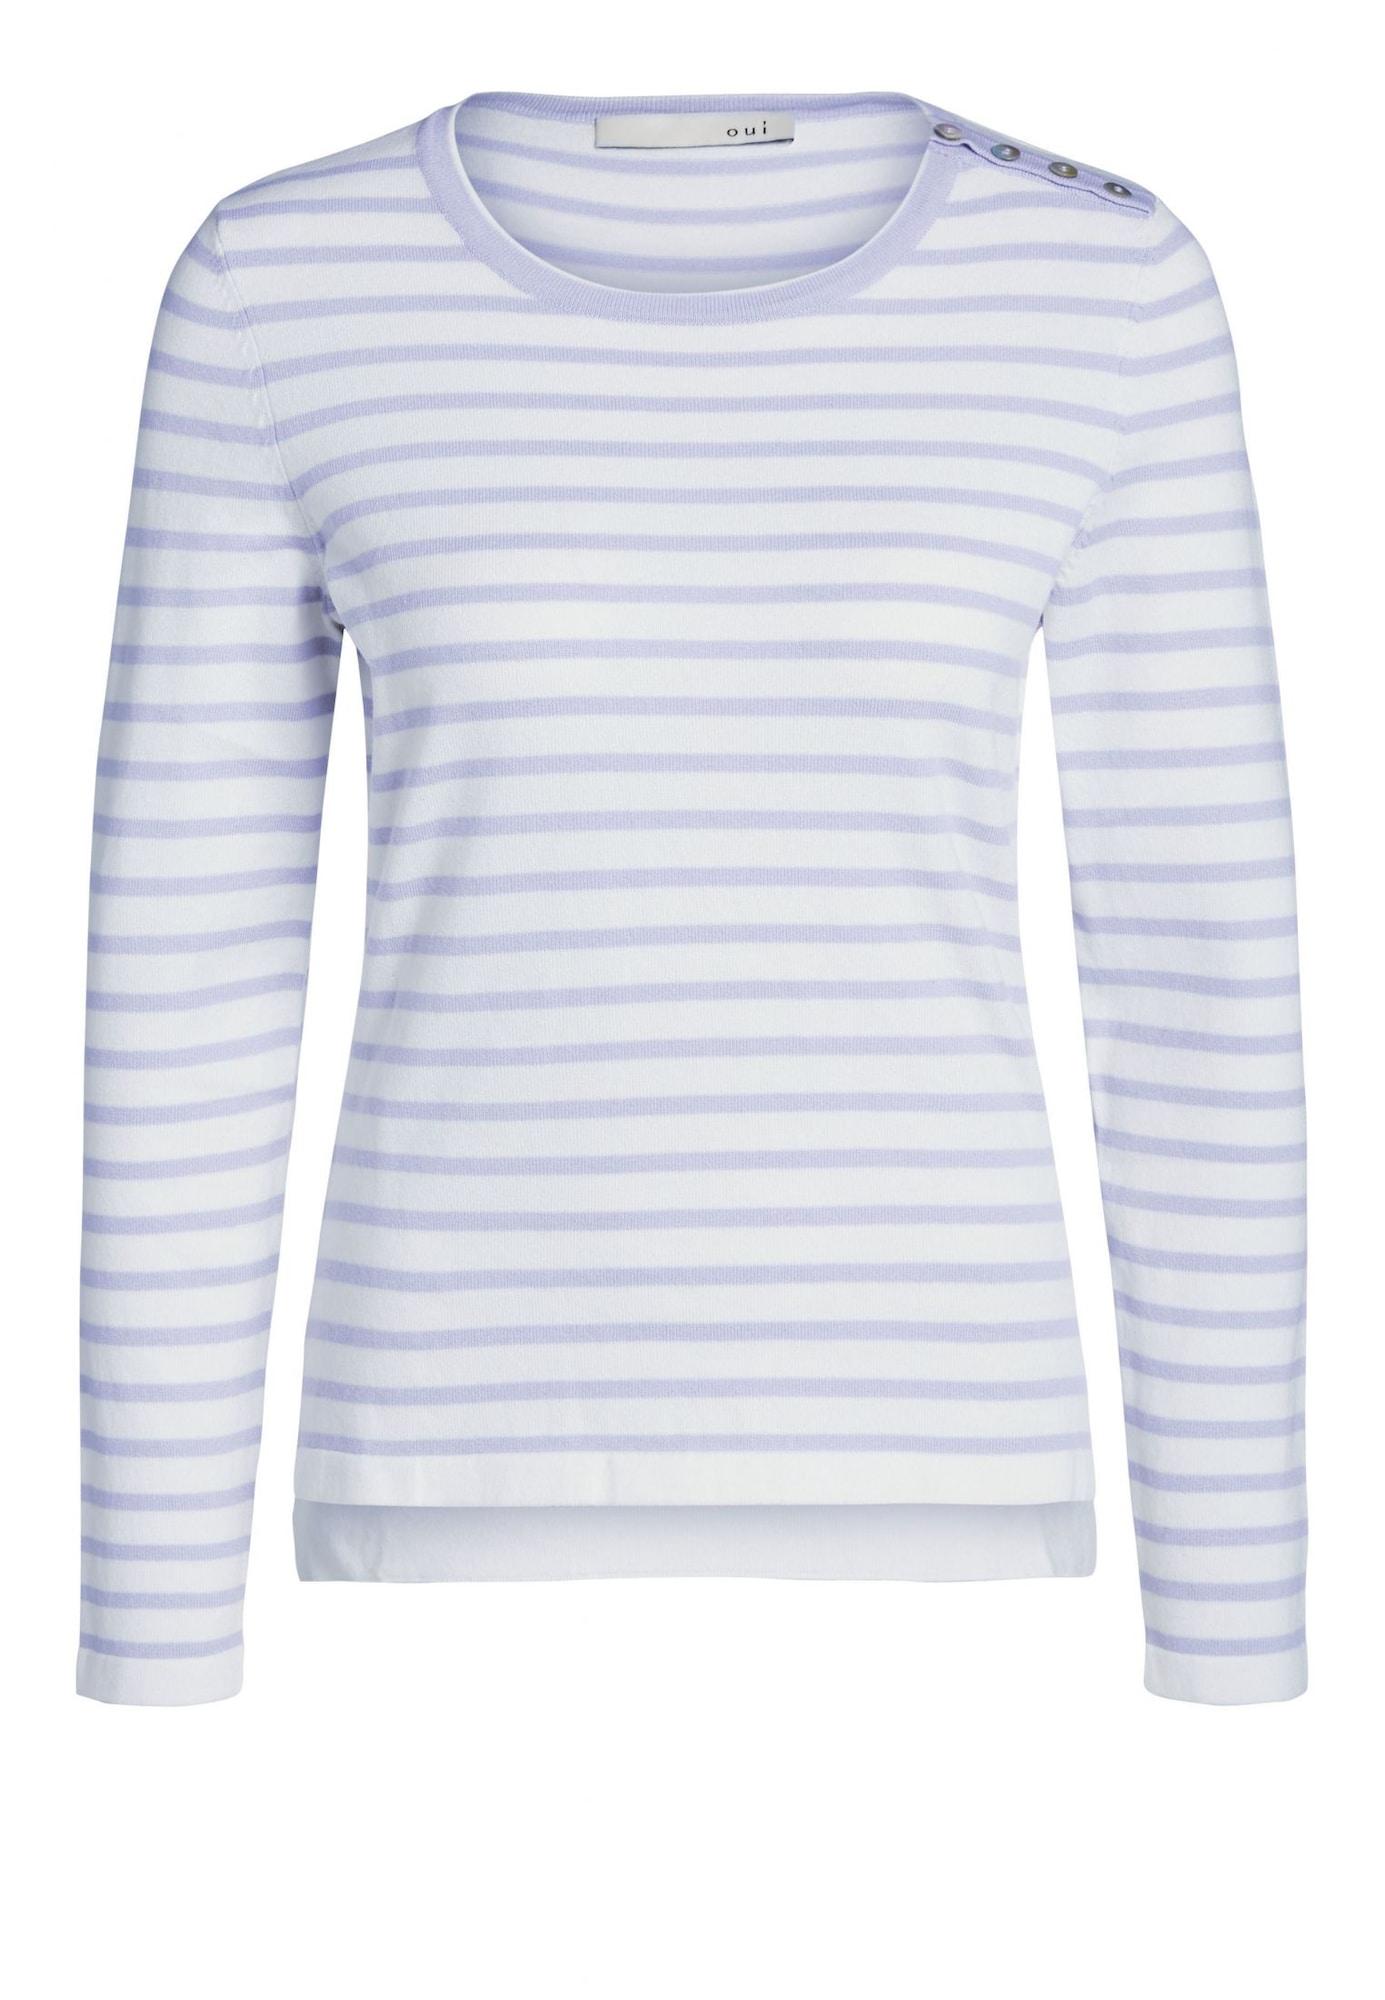 Pullover | Bekleidung > Pullover > Sonstige Pullover | Flieder - Weiß | Oui